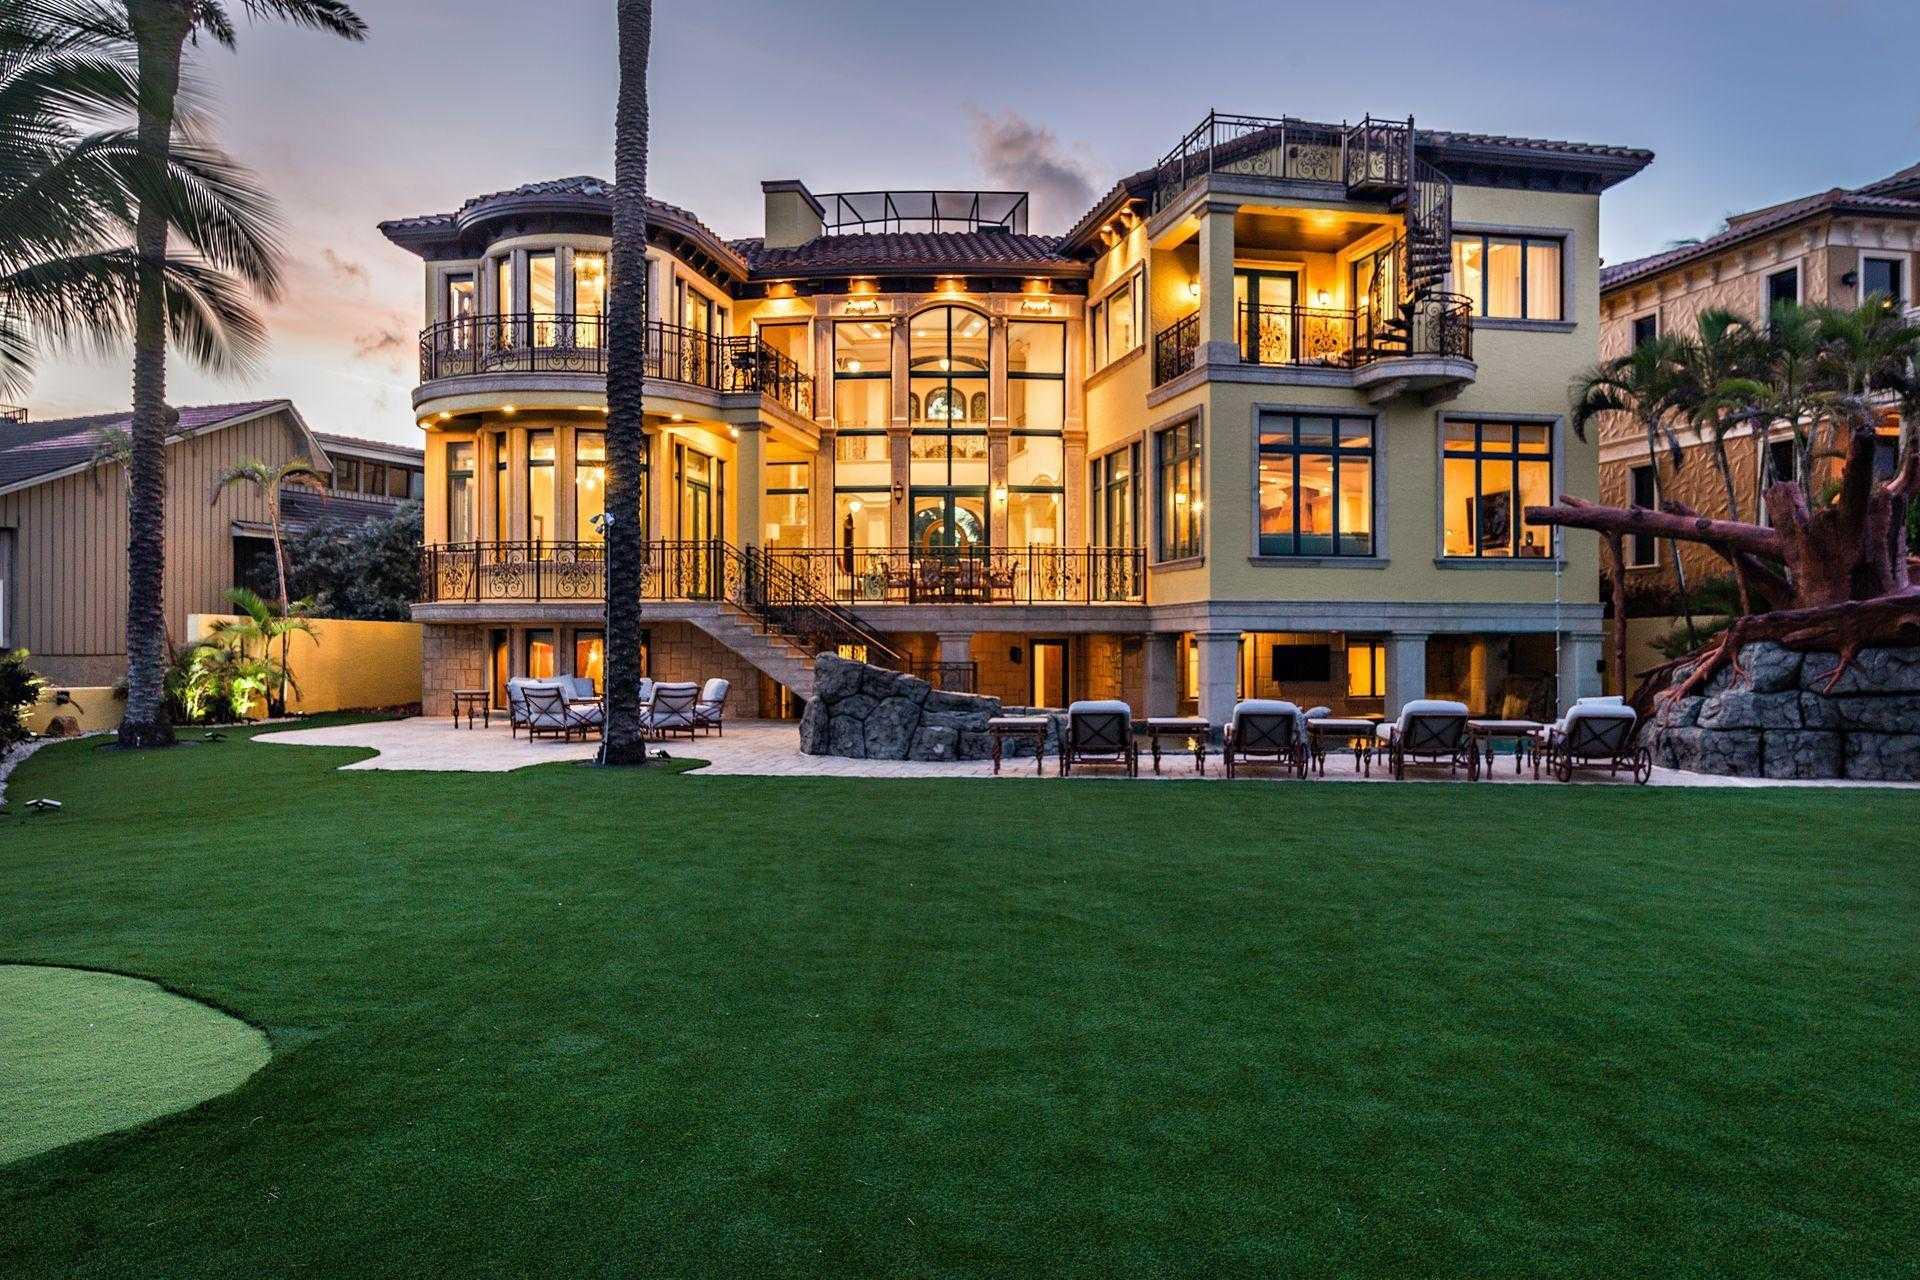 $11,995,000 - 5Br/7Ba -  for Sale in Hillsboro Shores Sec A, Pompano Beach